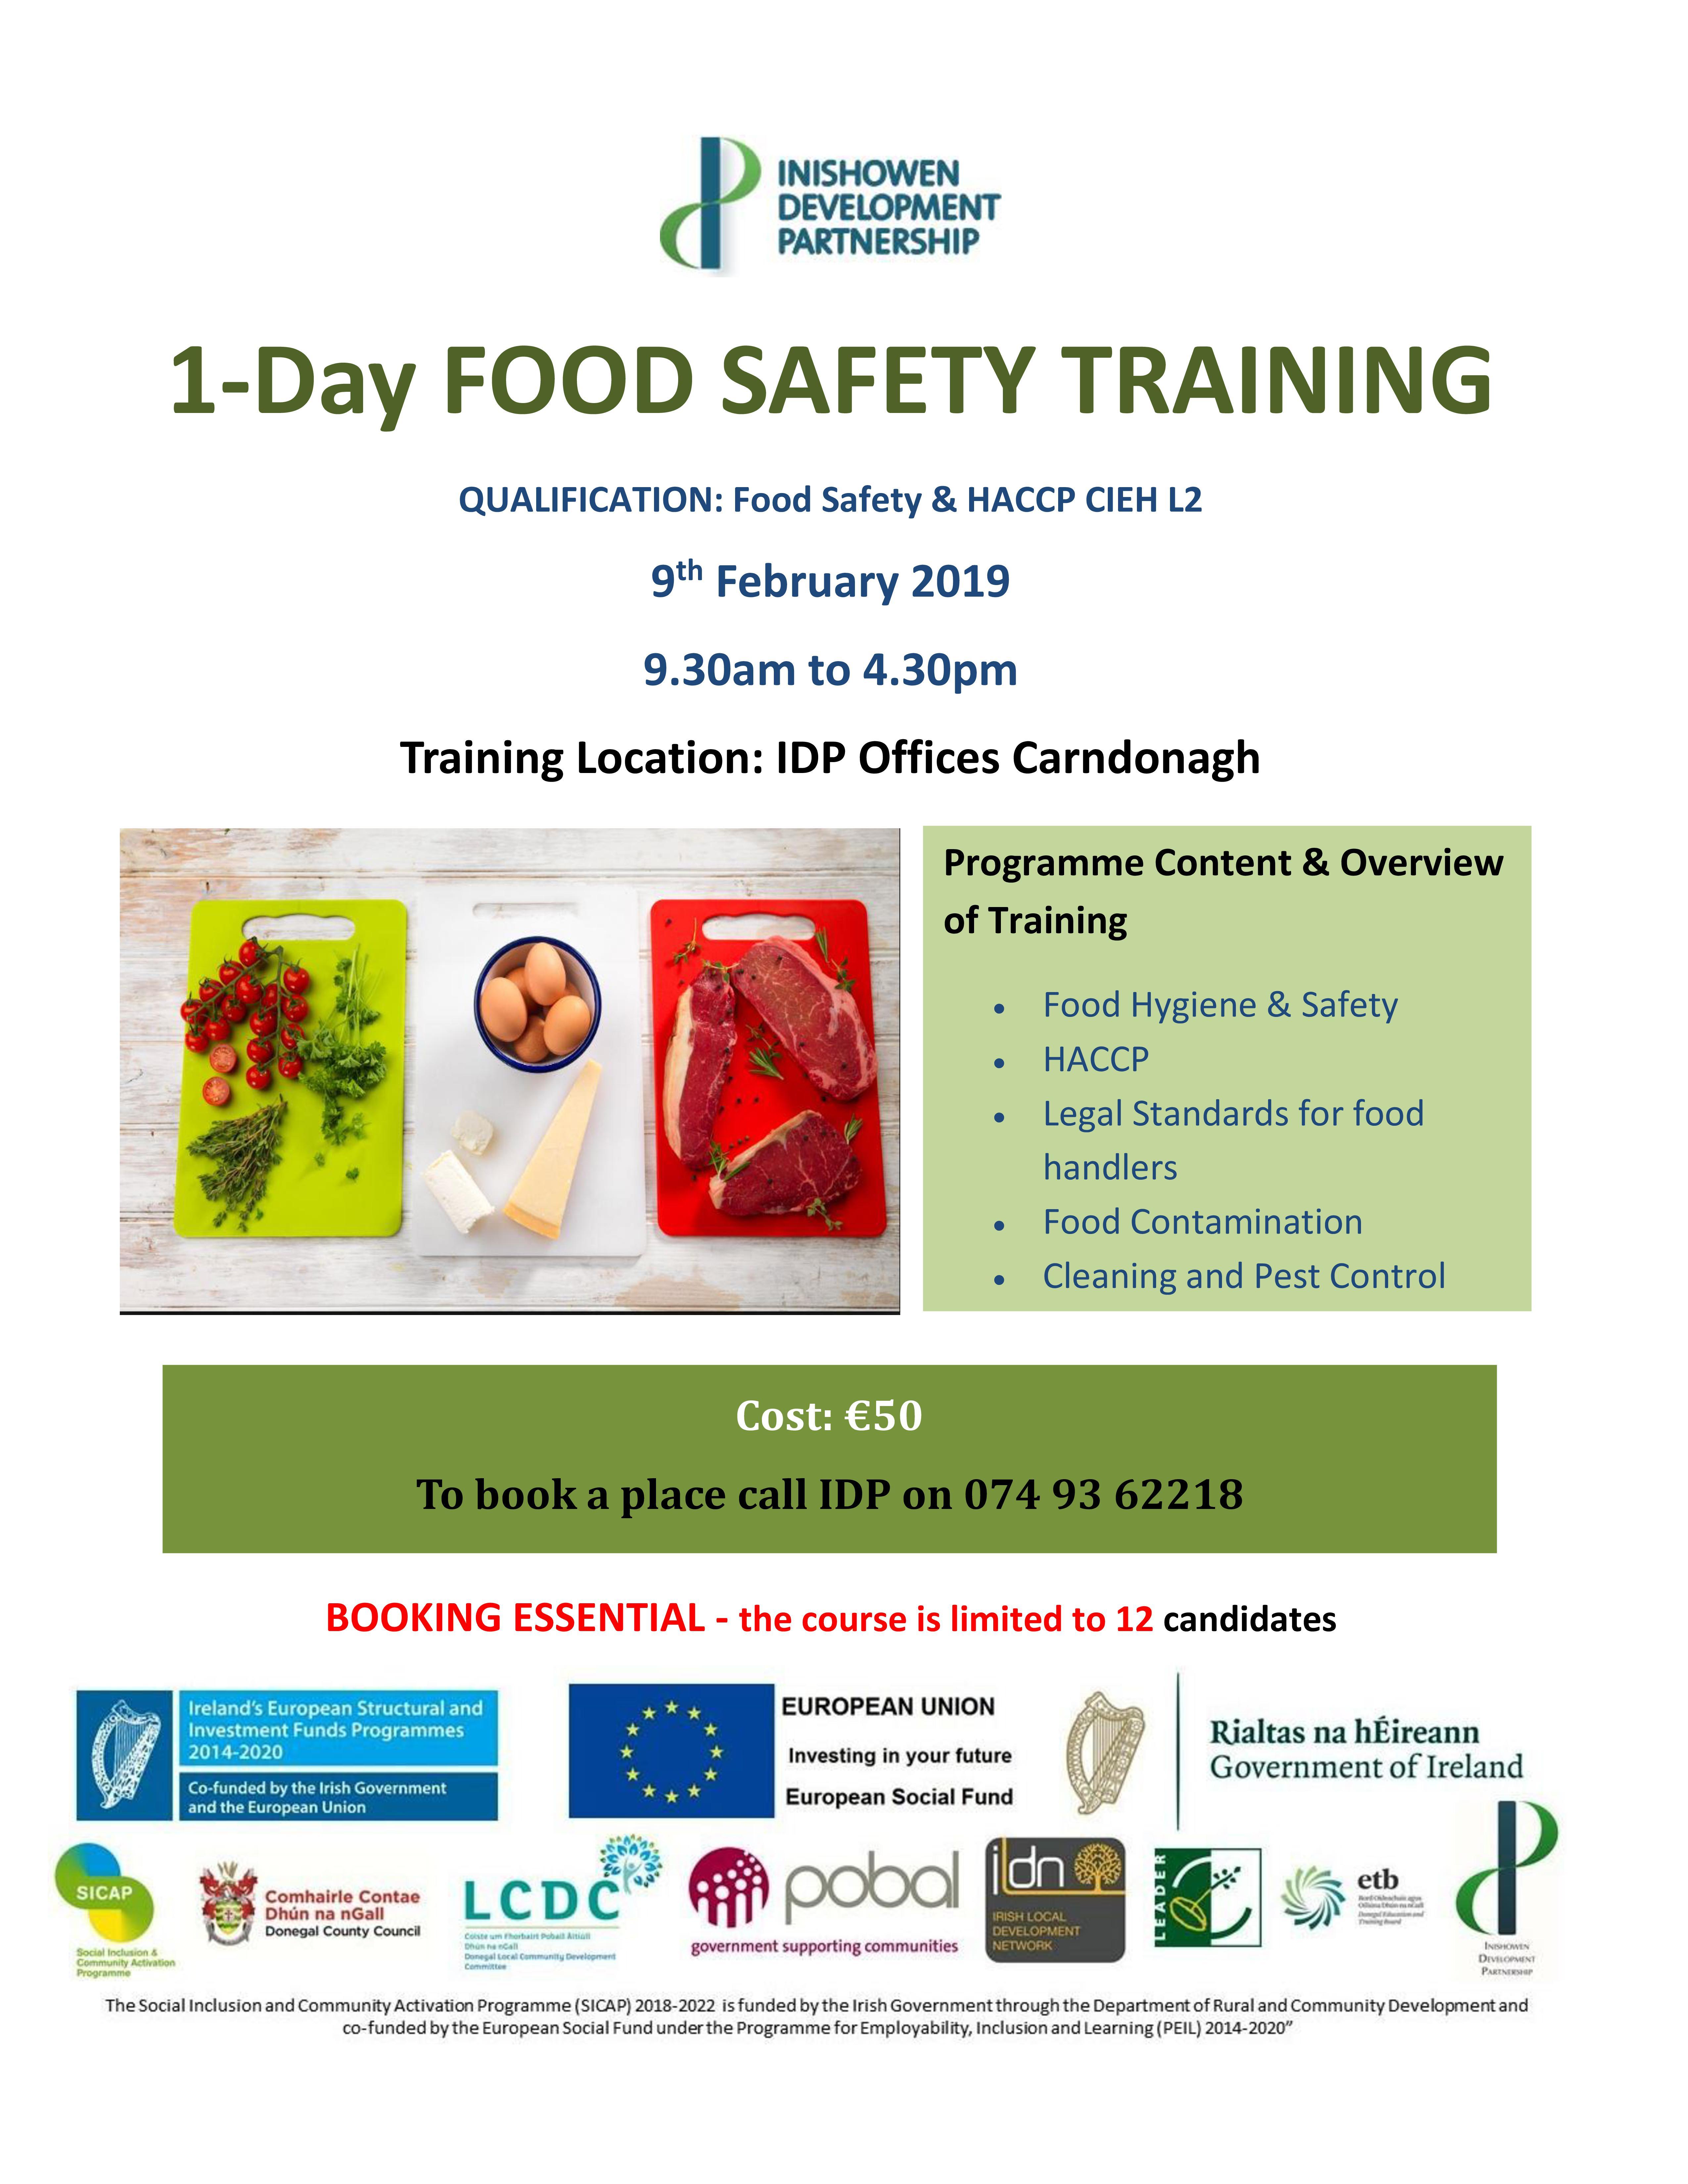 1-Day FOOD SAFETY TRAINING – Inishowen development partnership